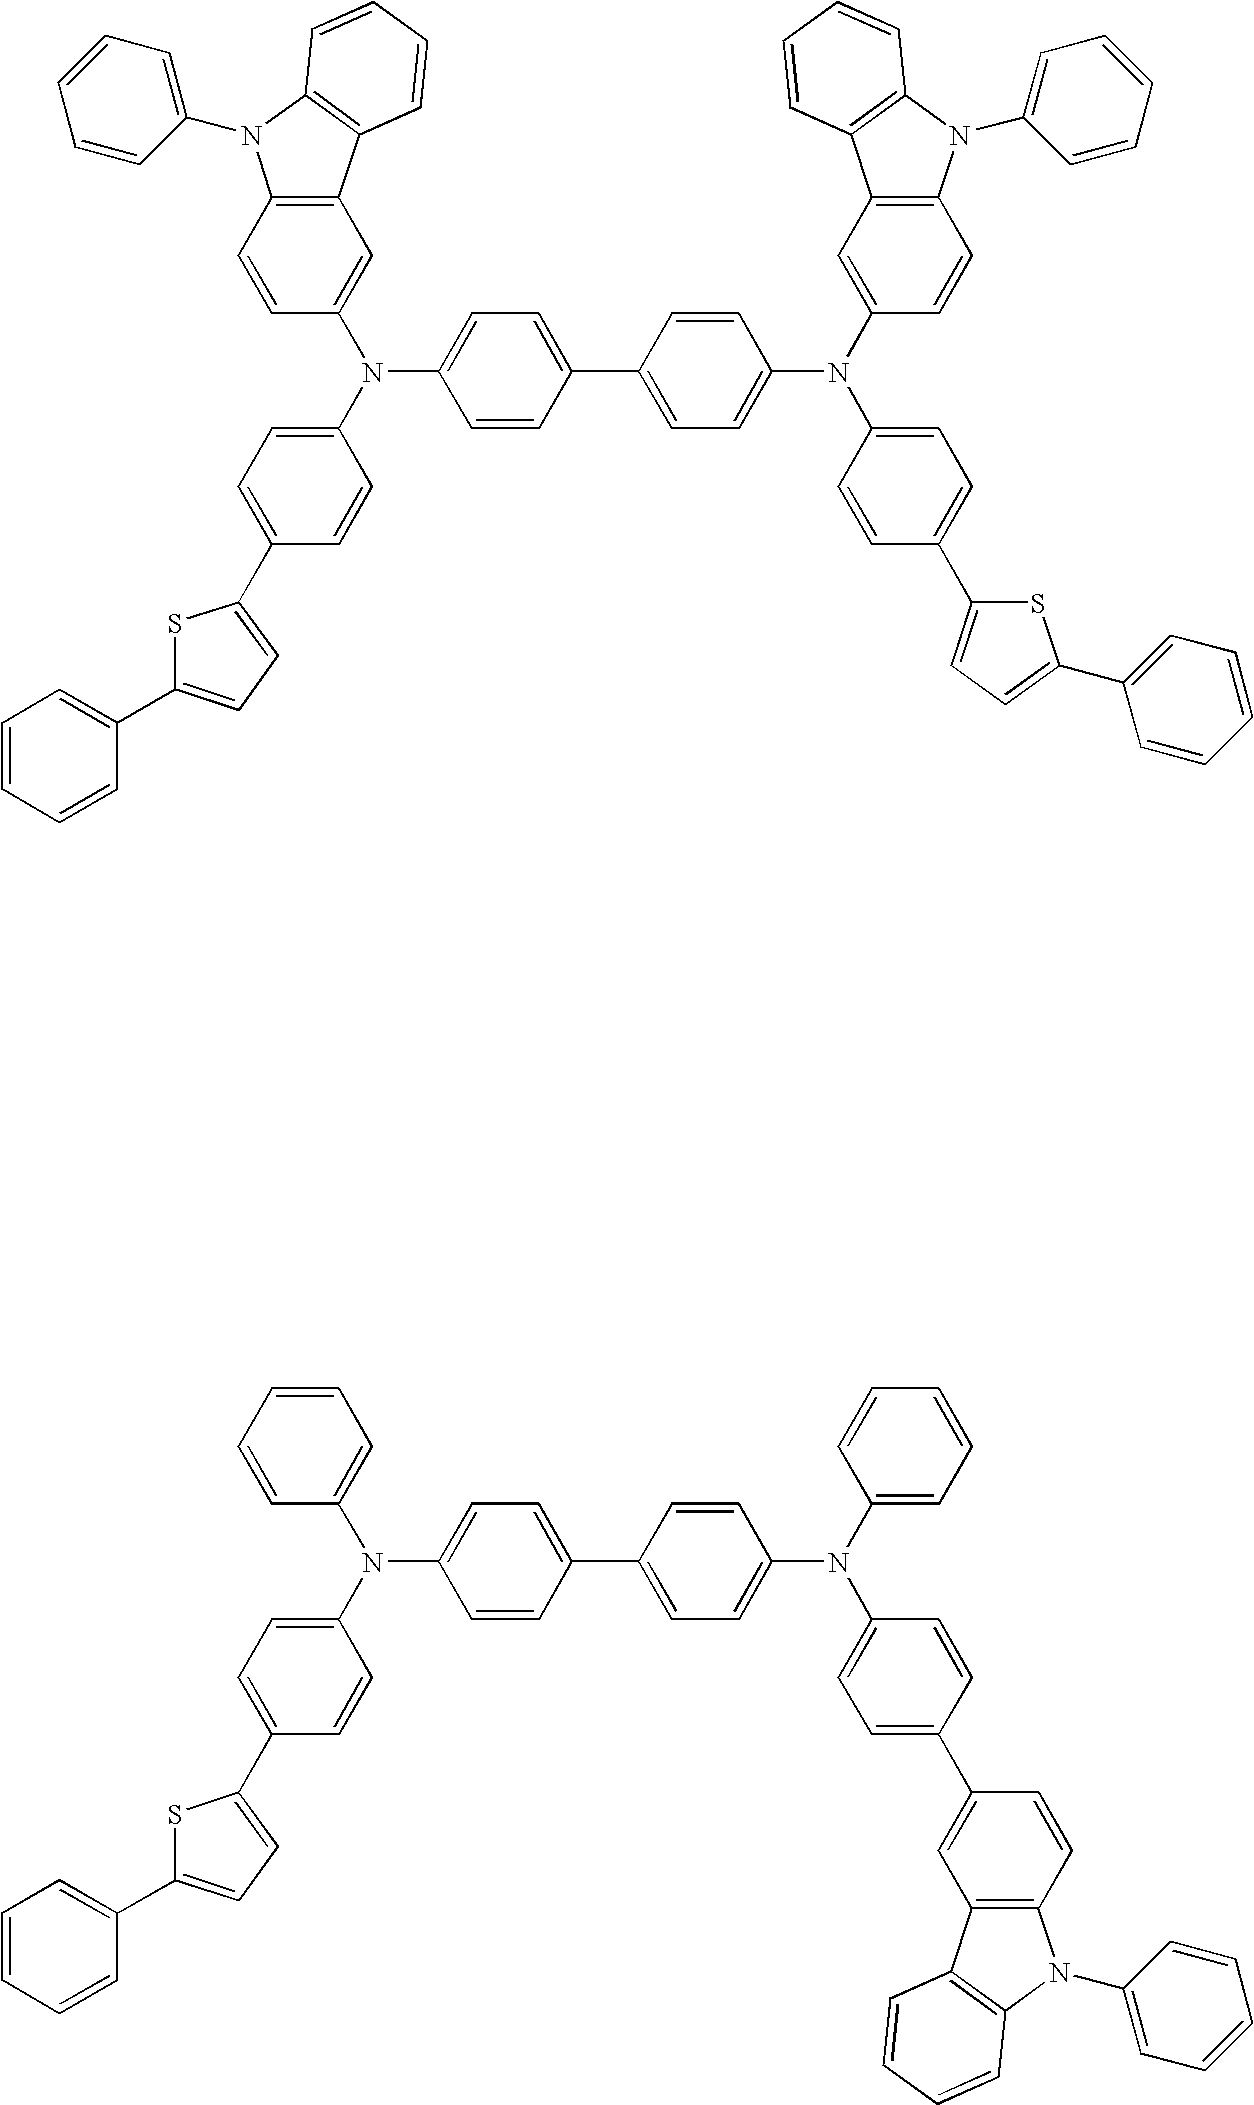 Figure US20090066235A1-20090312-C00029